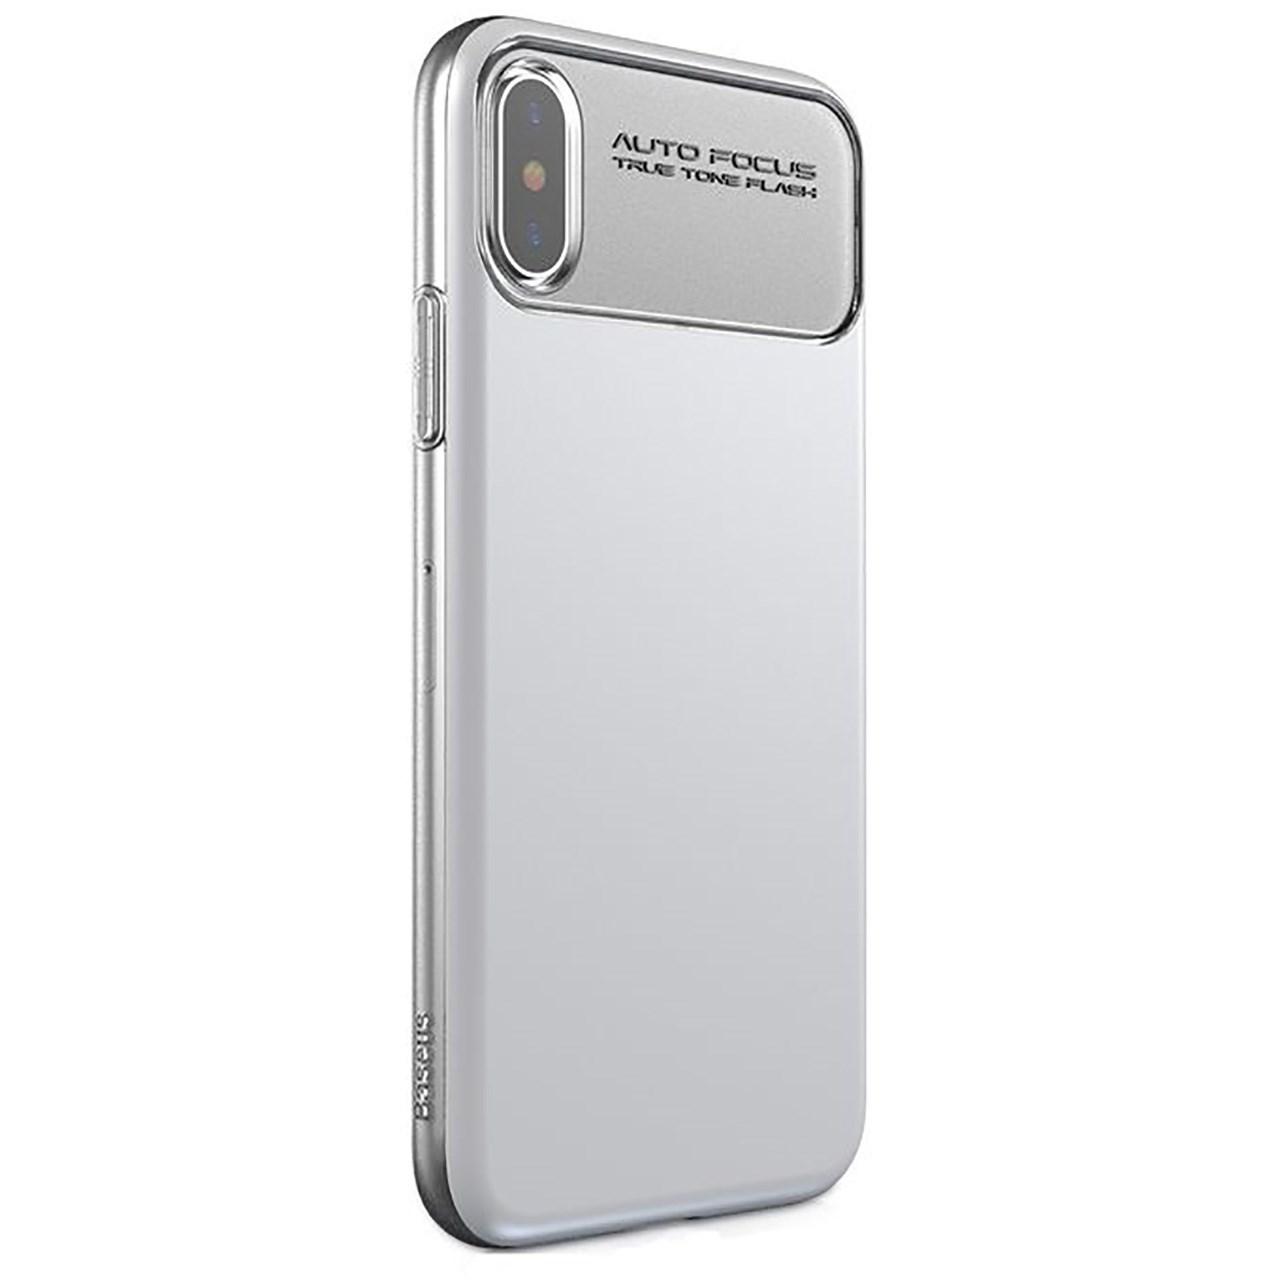 کاور باسئوس مدل Slim Lotus case مناسب برای گوشی موبایل آیفون X/10